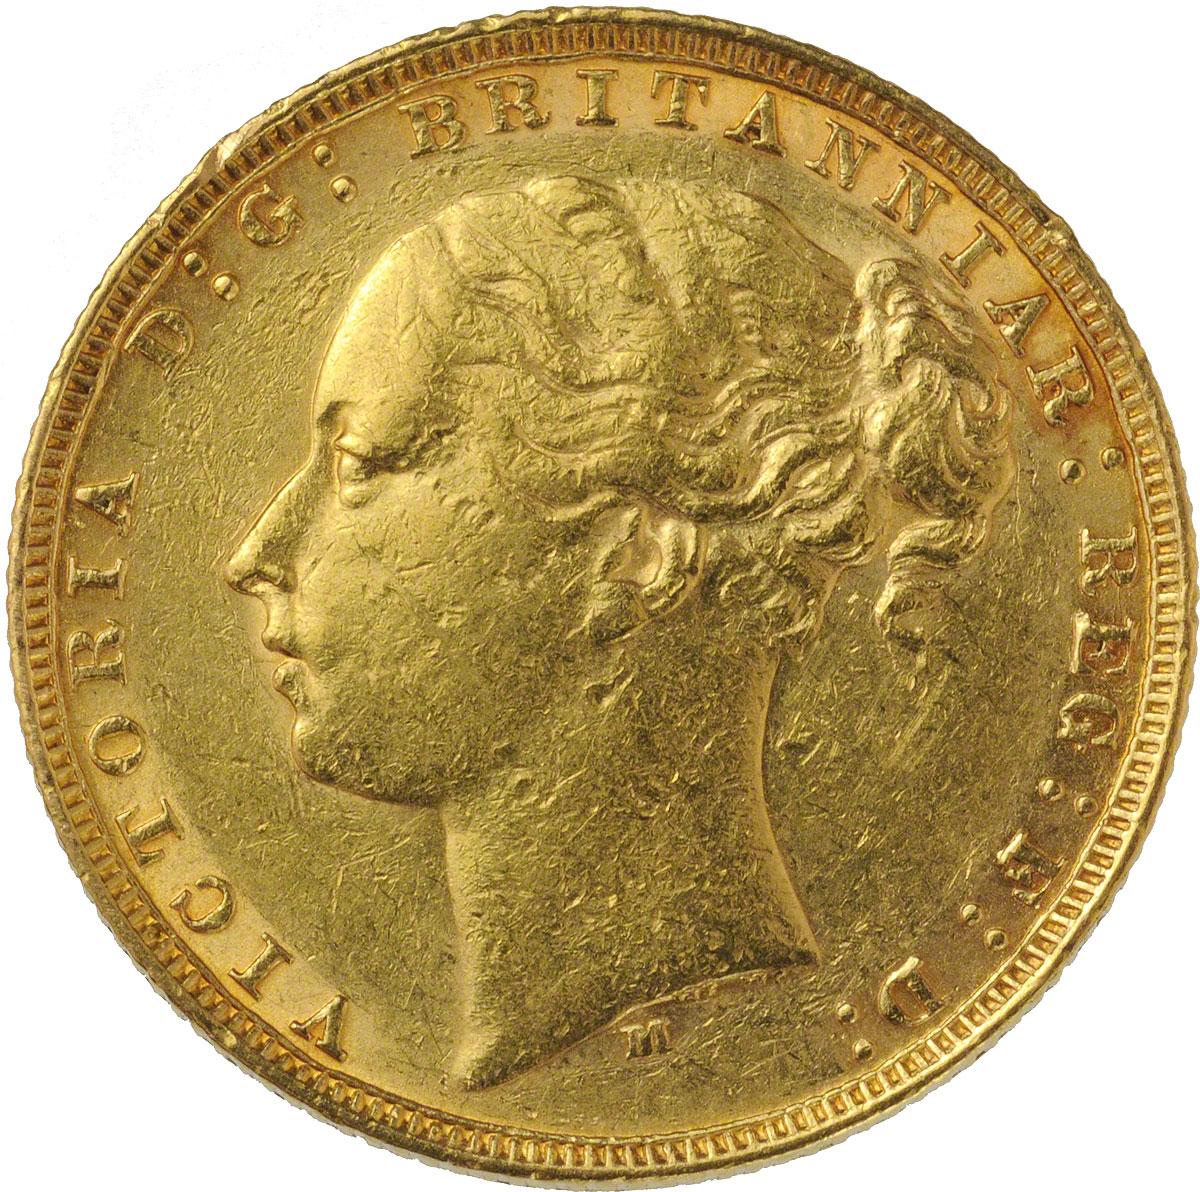 1878 Βικτώρια (Νομισματοκοπείο Μελβούρνης)